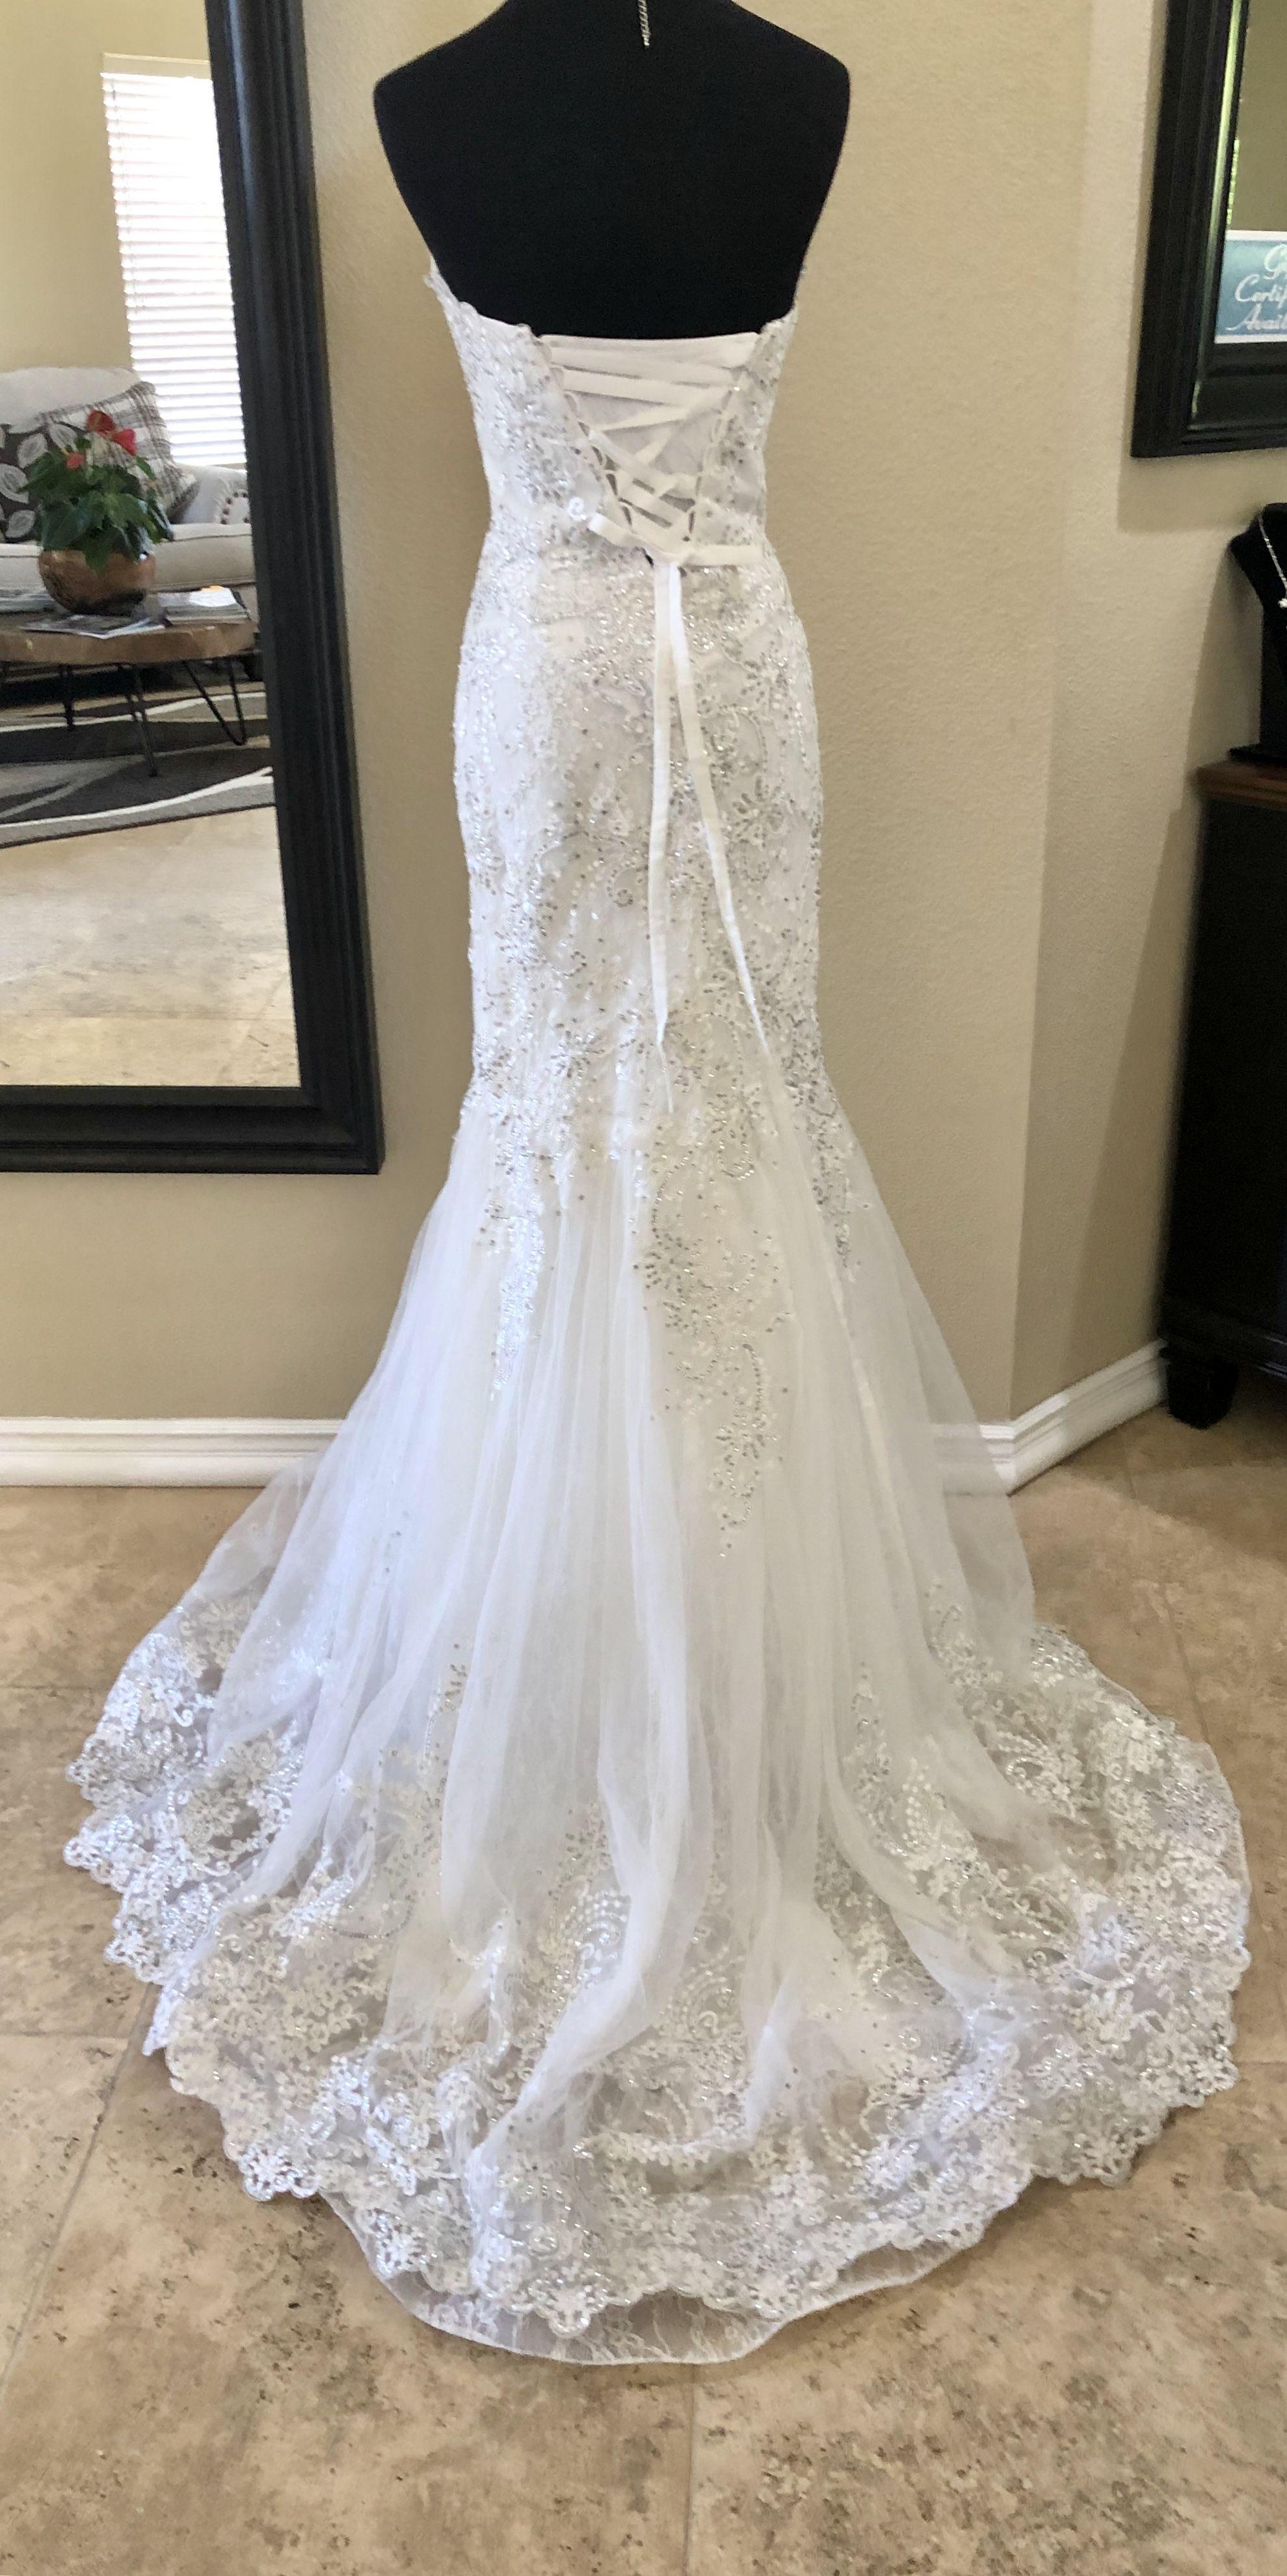 XS new wedding dress   Neue brautkleider, Kleider, Kleid hochzeit